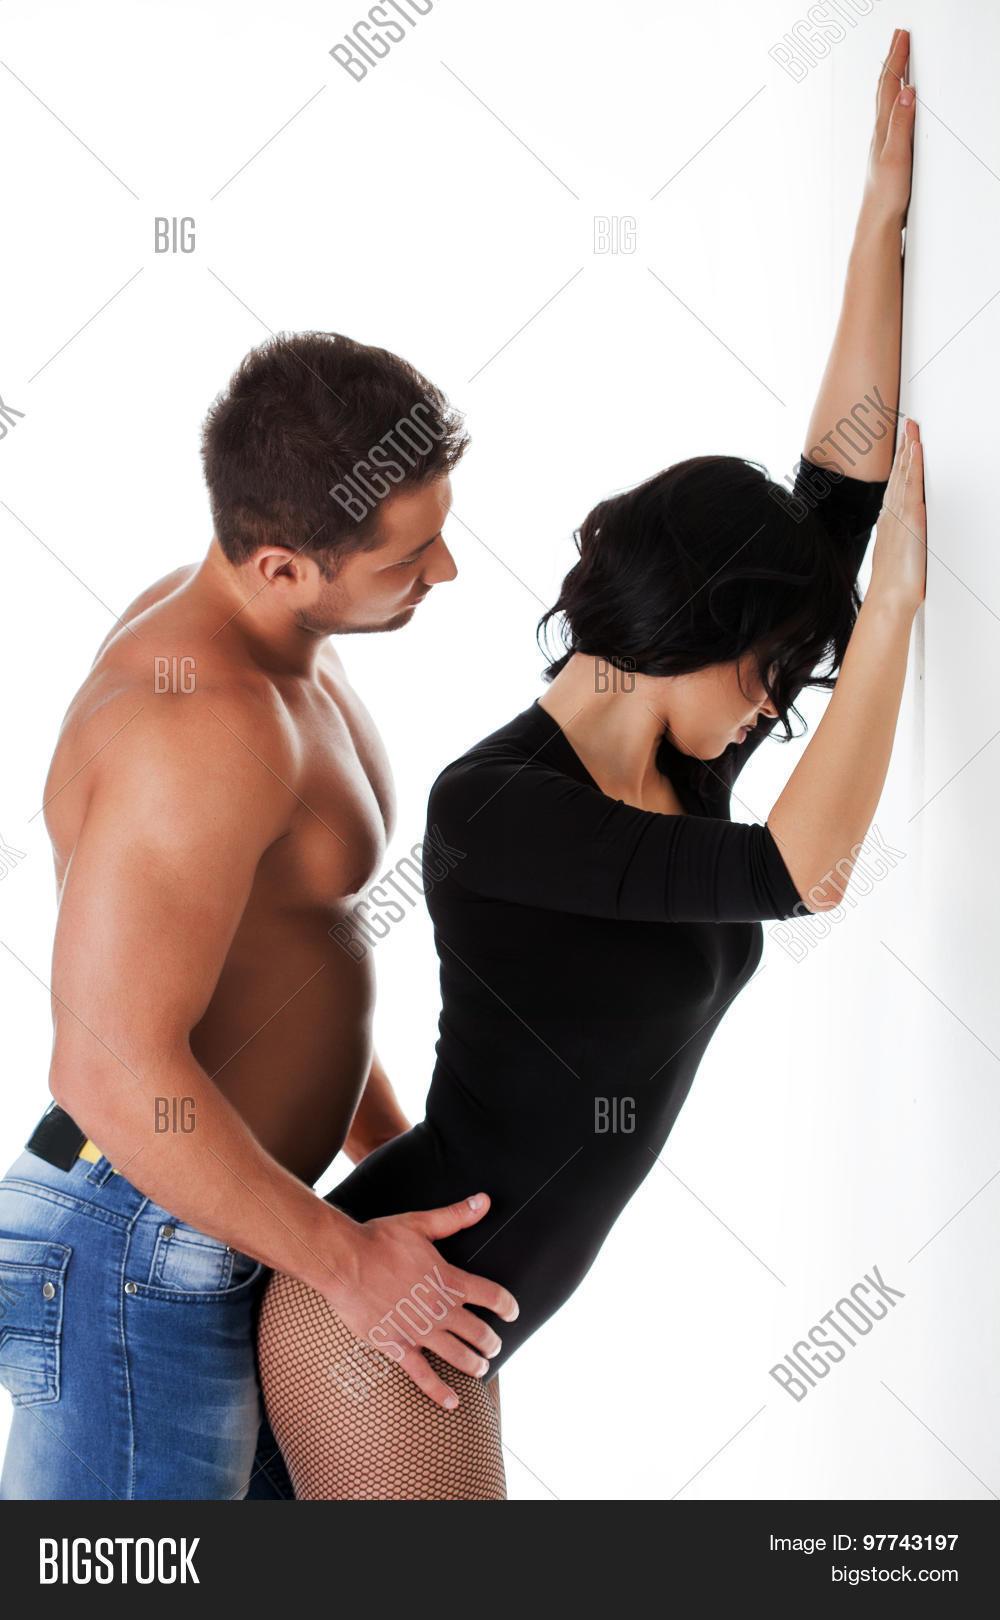 Парень сексуально раздевает девушку видео